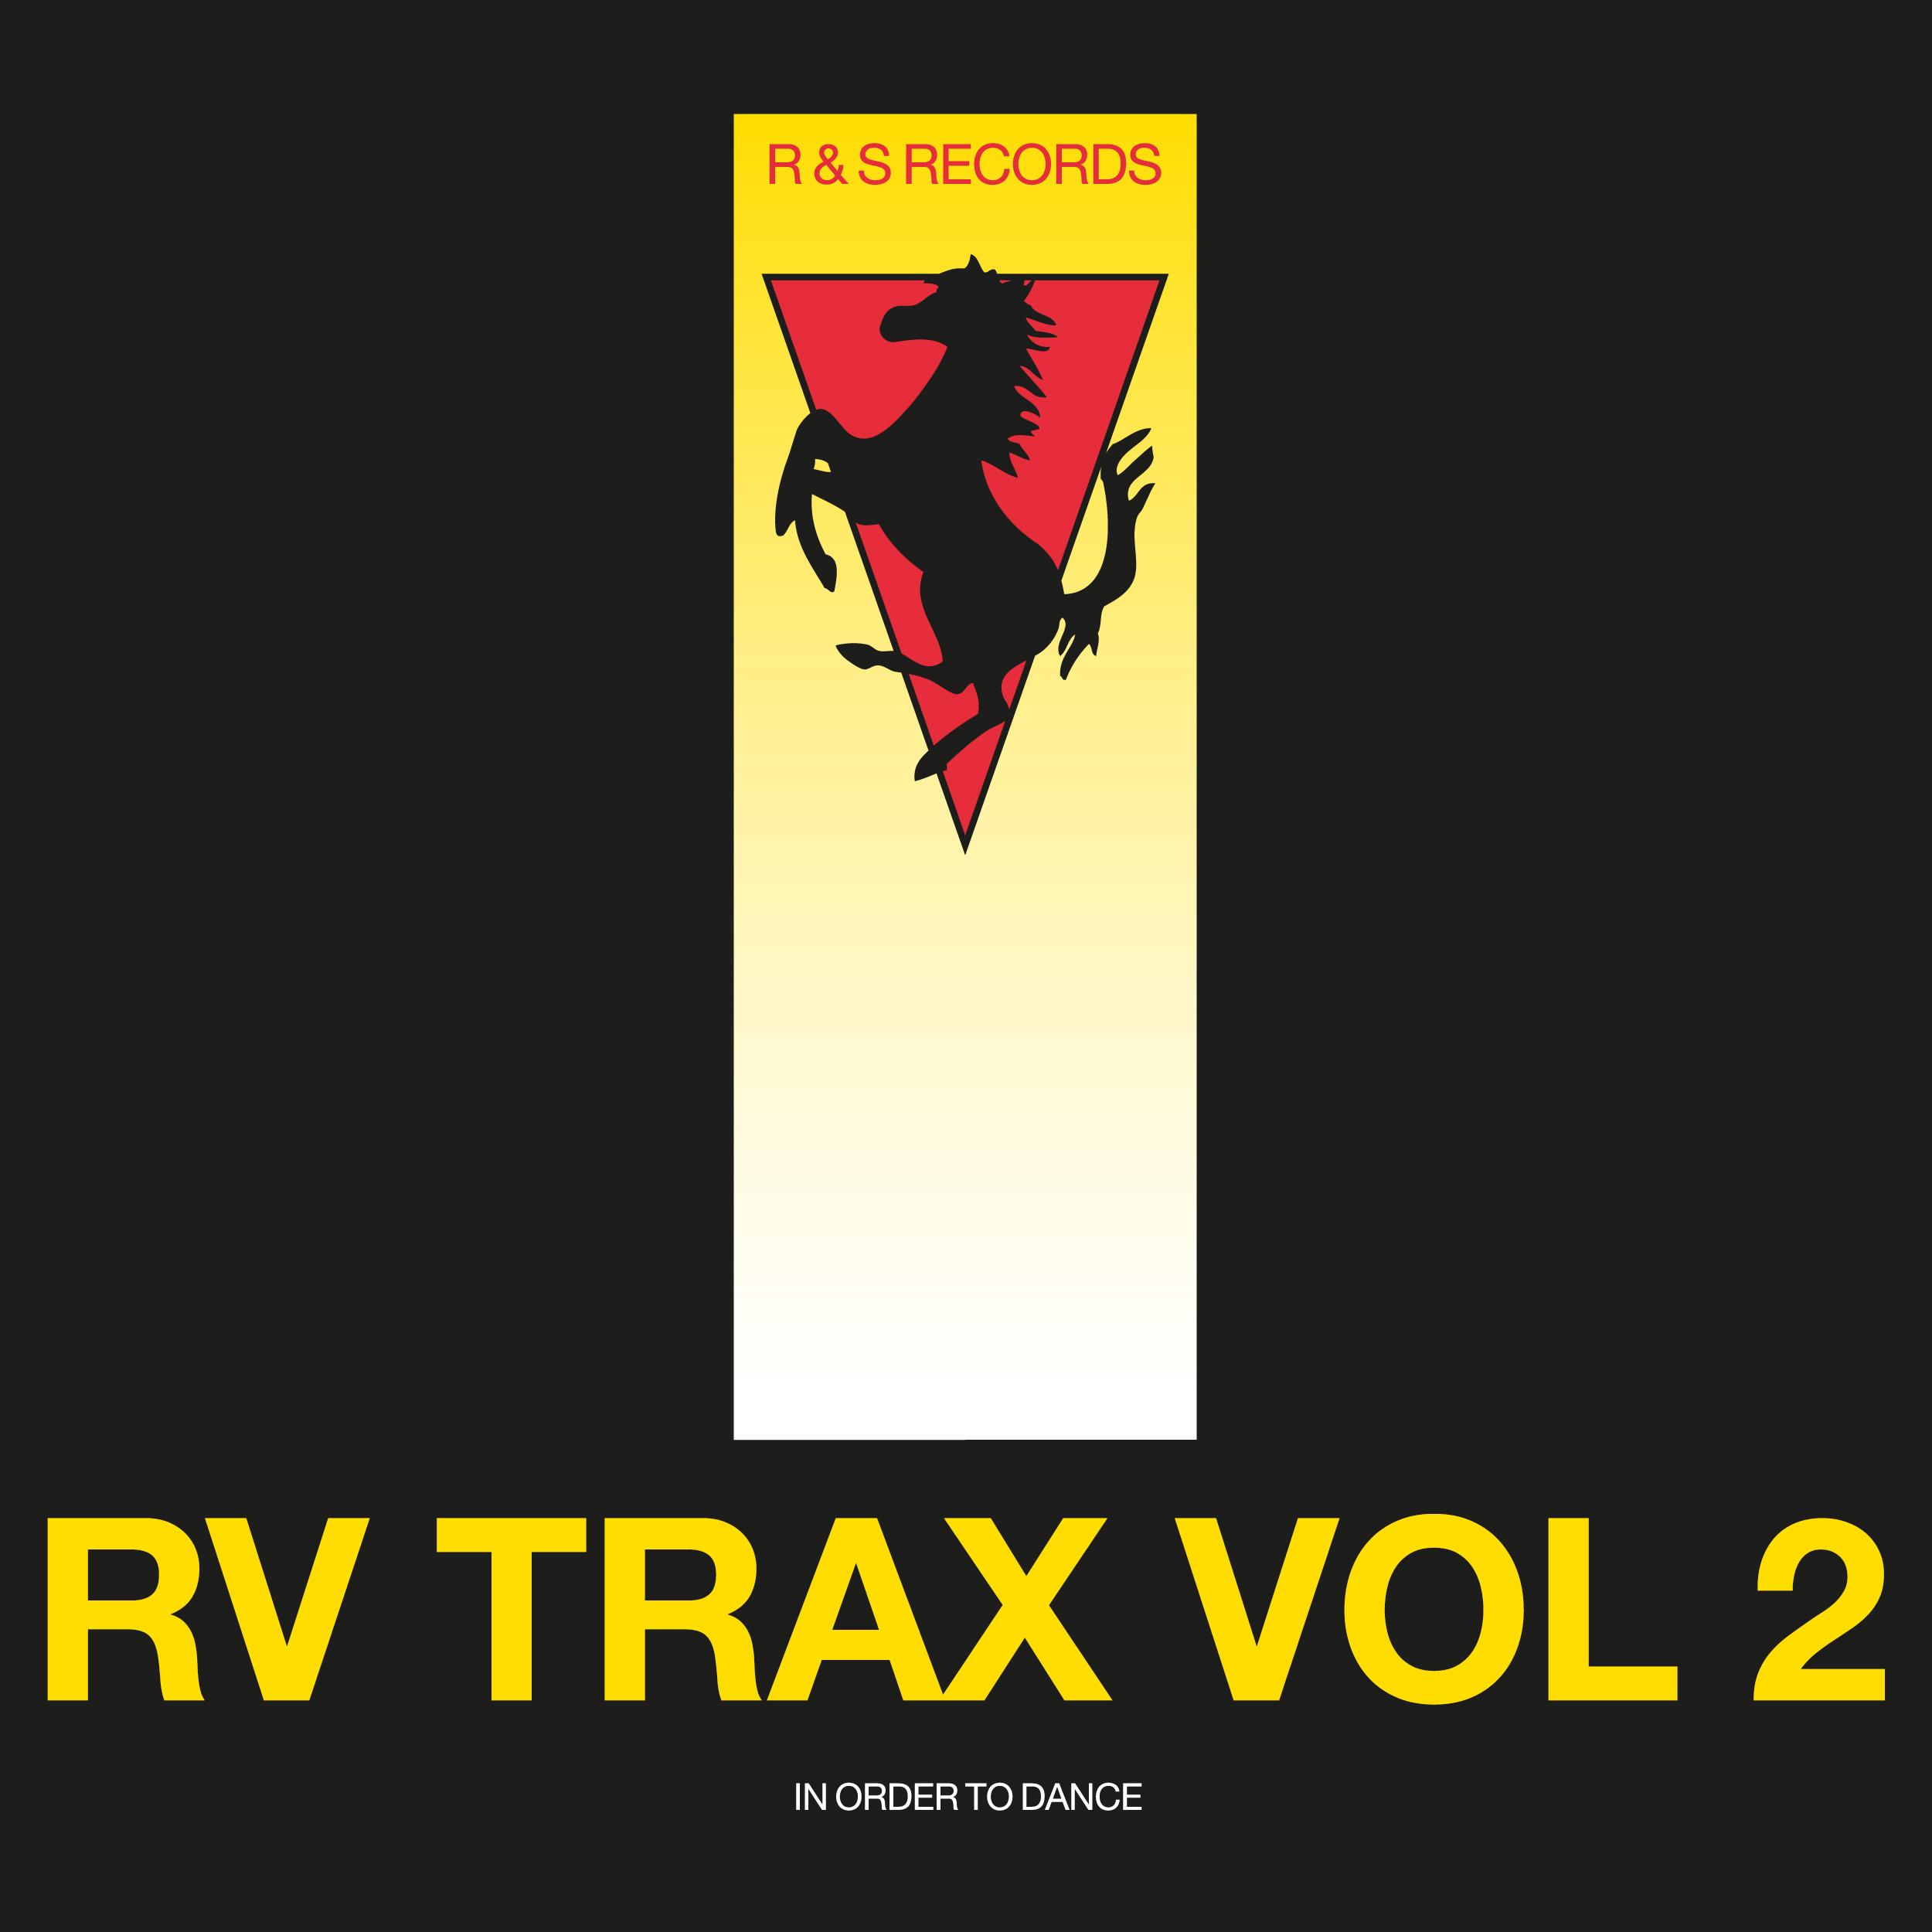 RV Trax Vol 2